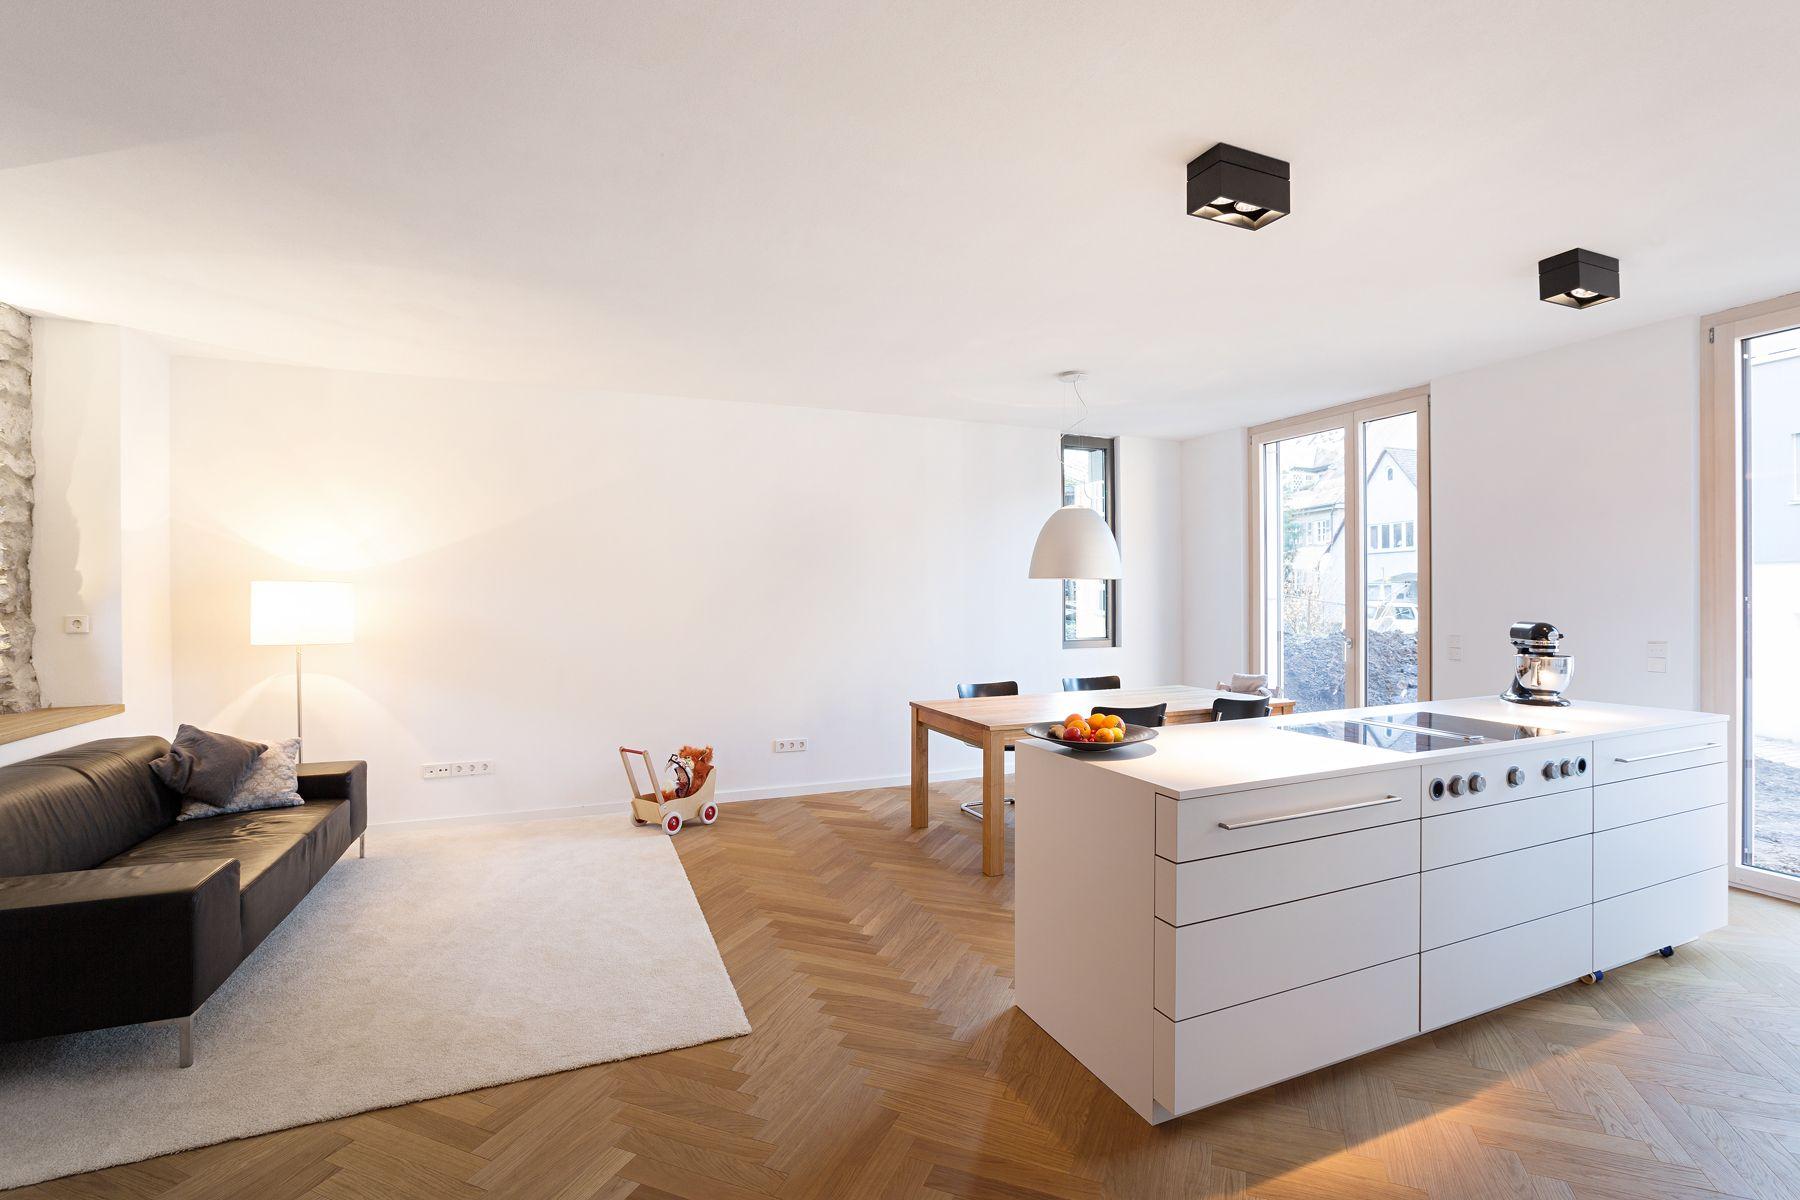 In Den Wohnraum Integrierte Weiße Kochinsel Mit Dunstabzug Nach